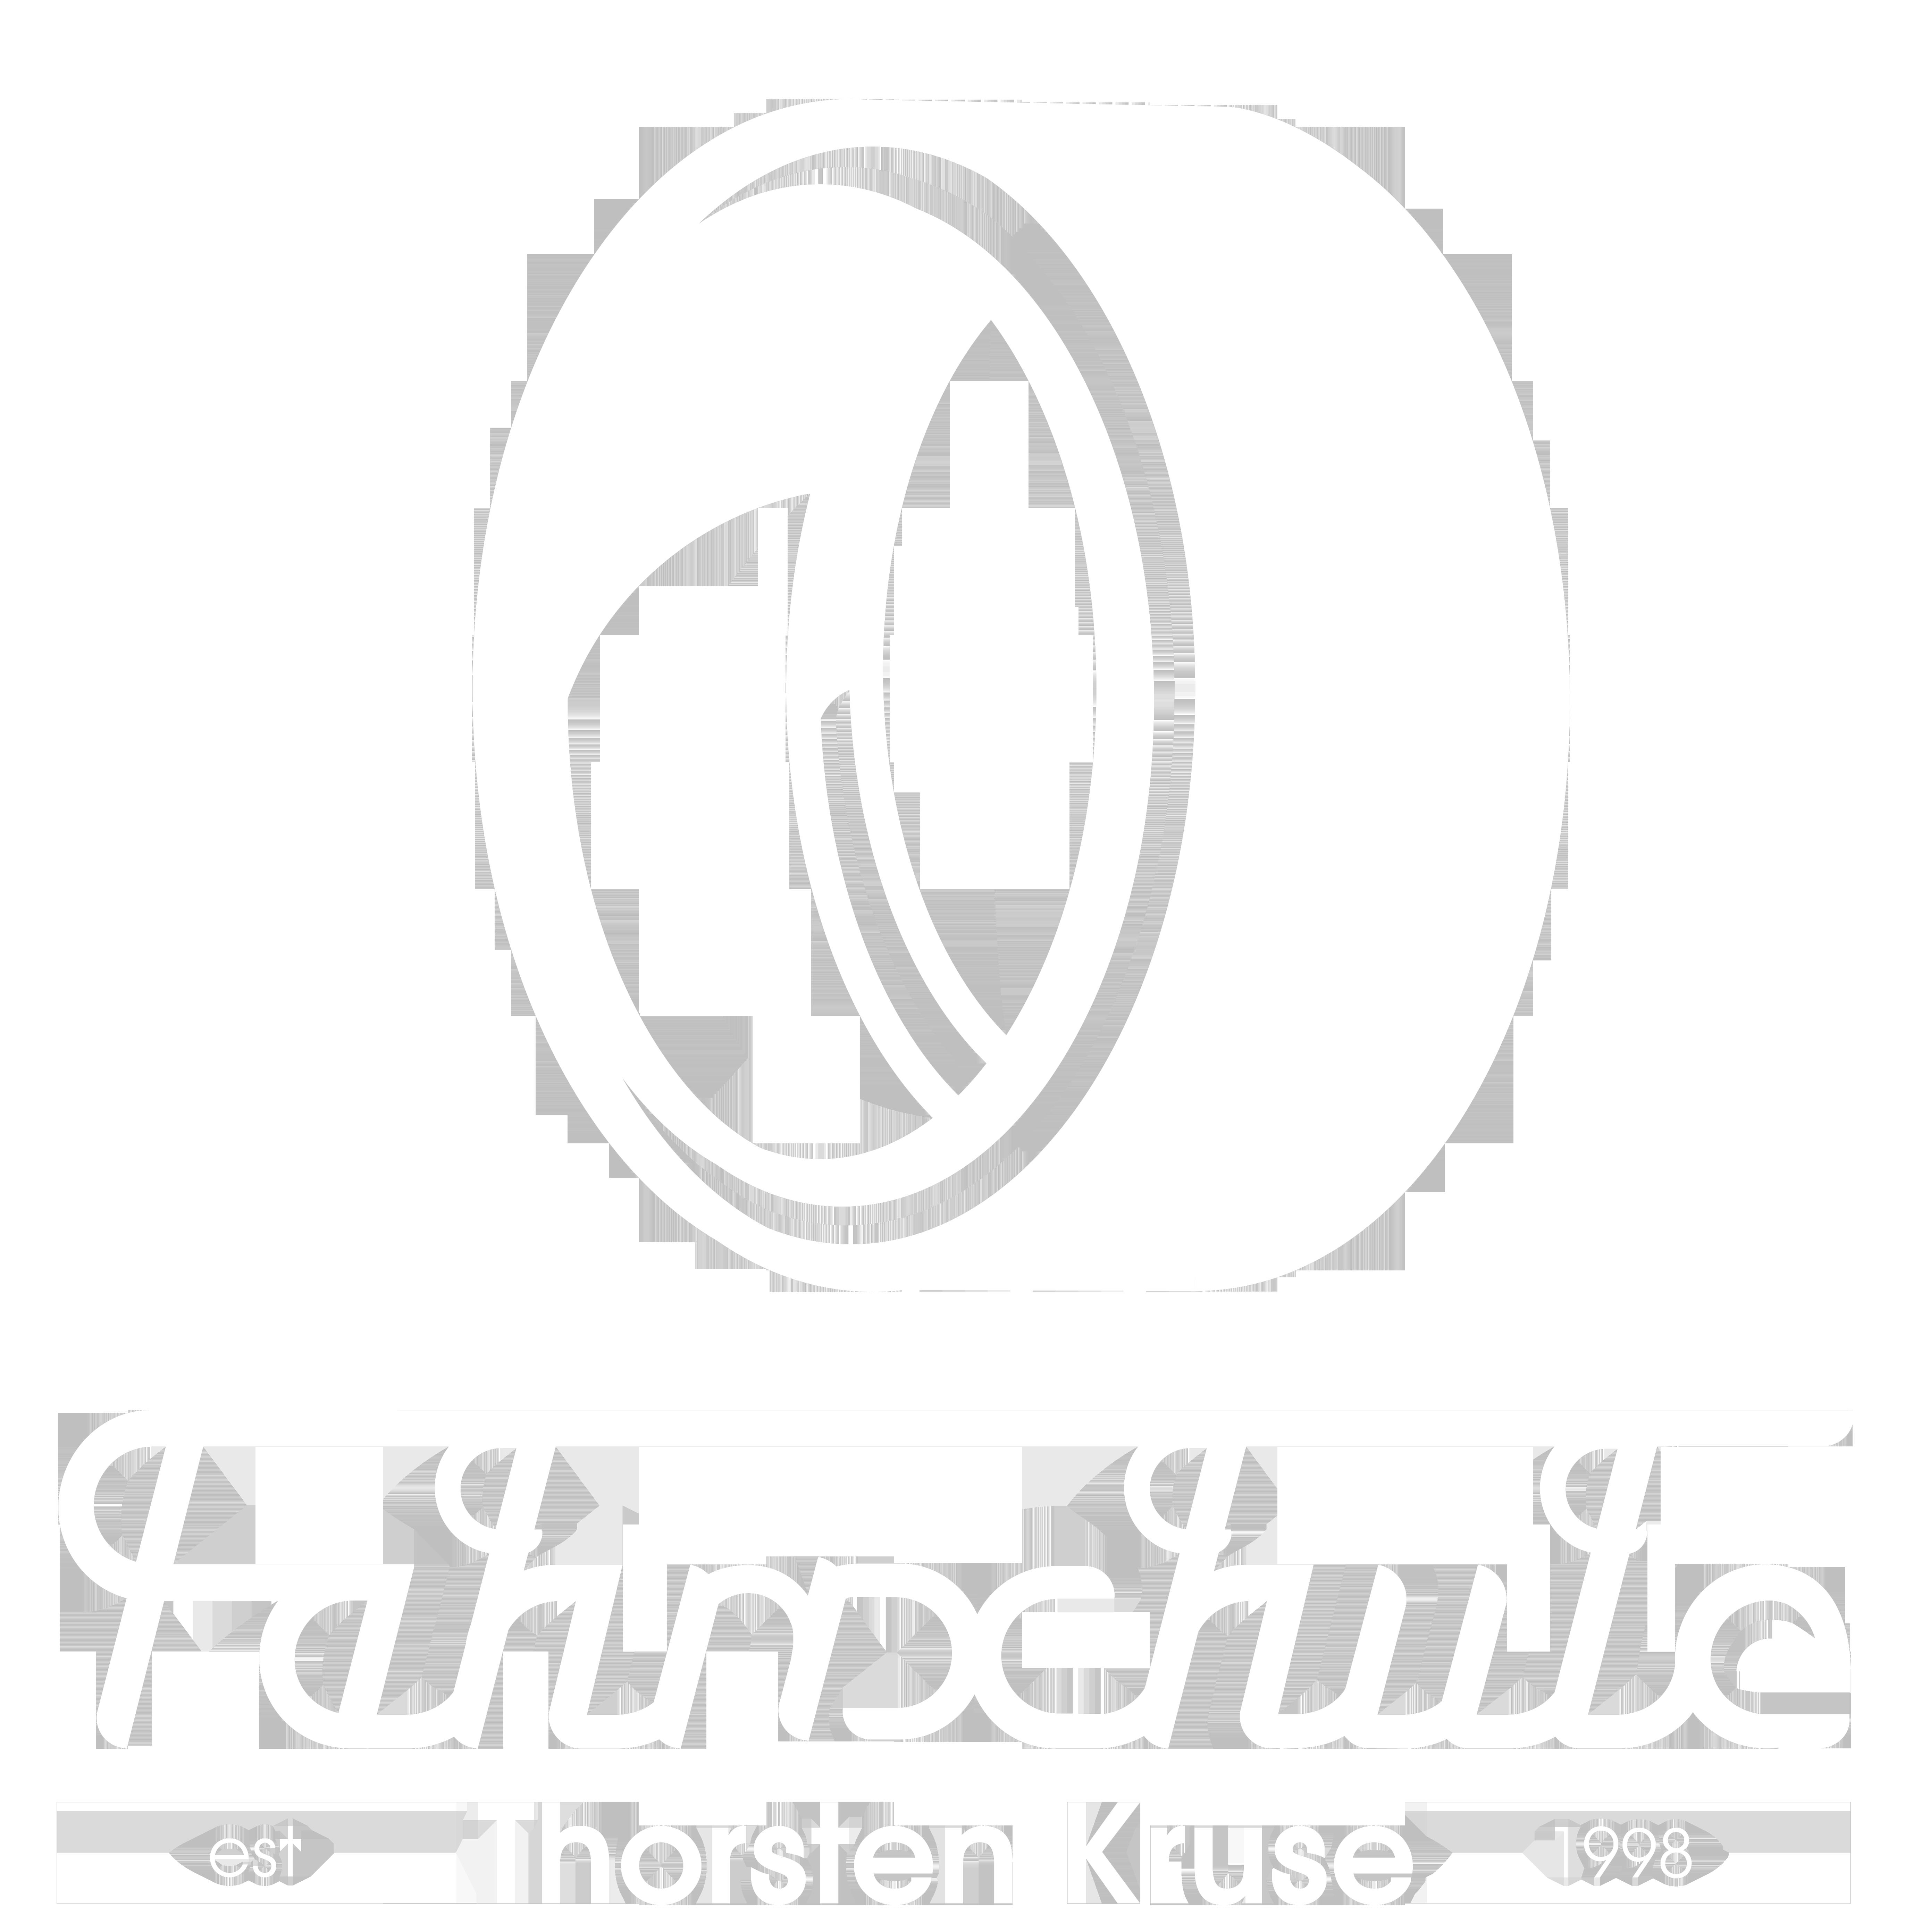 Fahrschule Thorsten Kruse